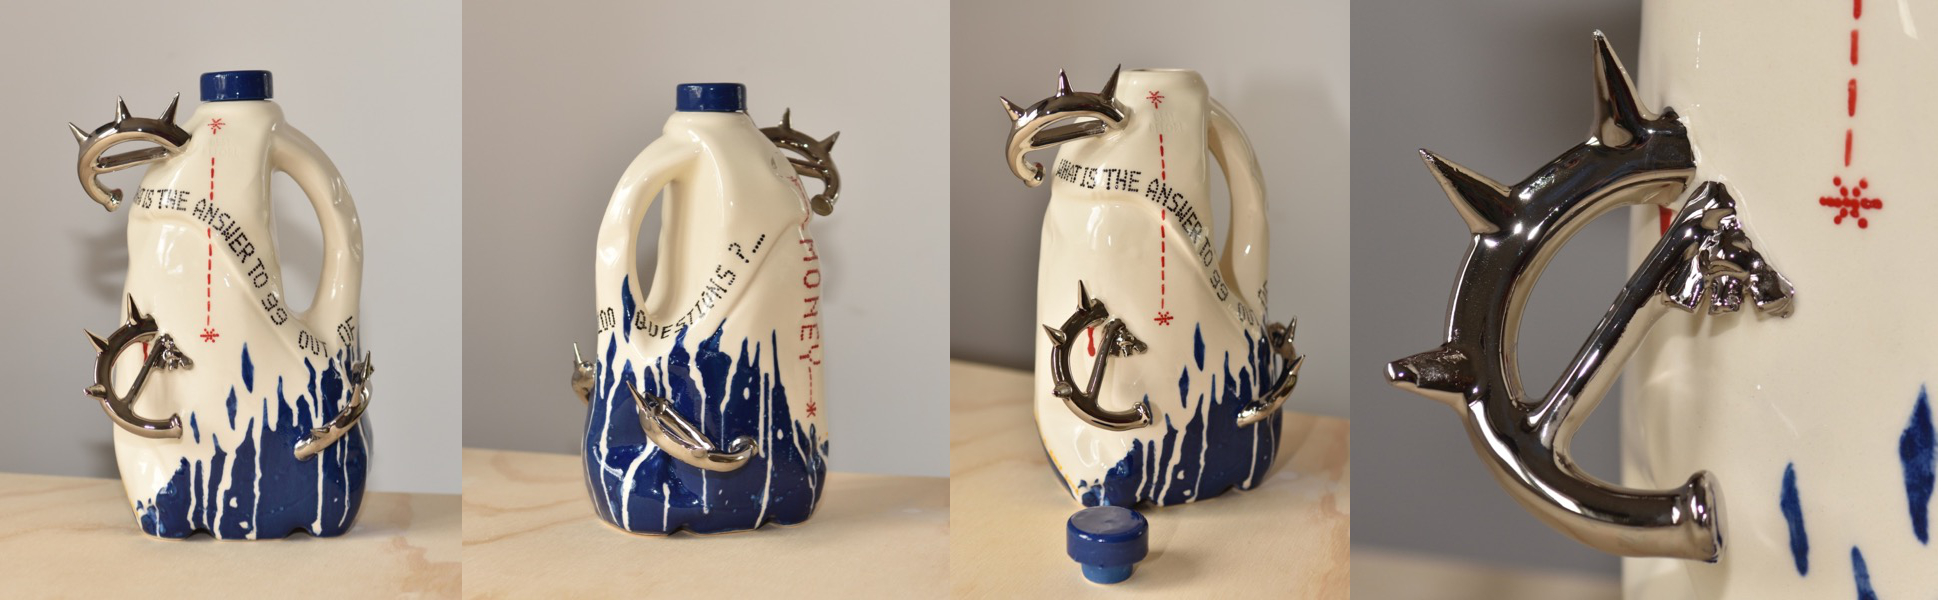 Milk Bottle - The Frustrator